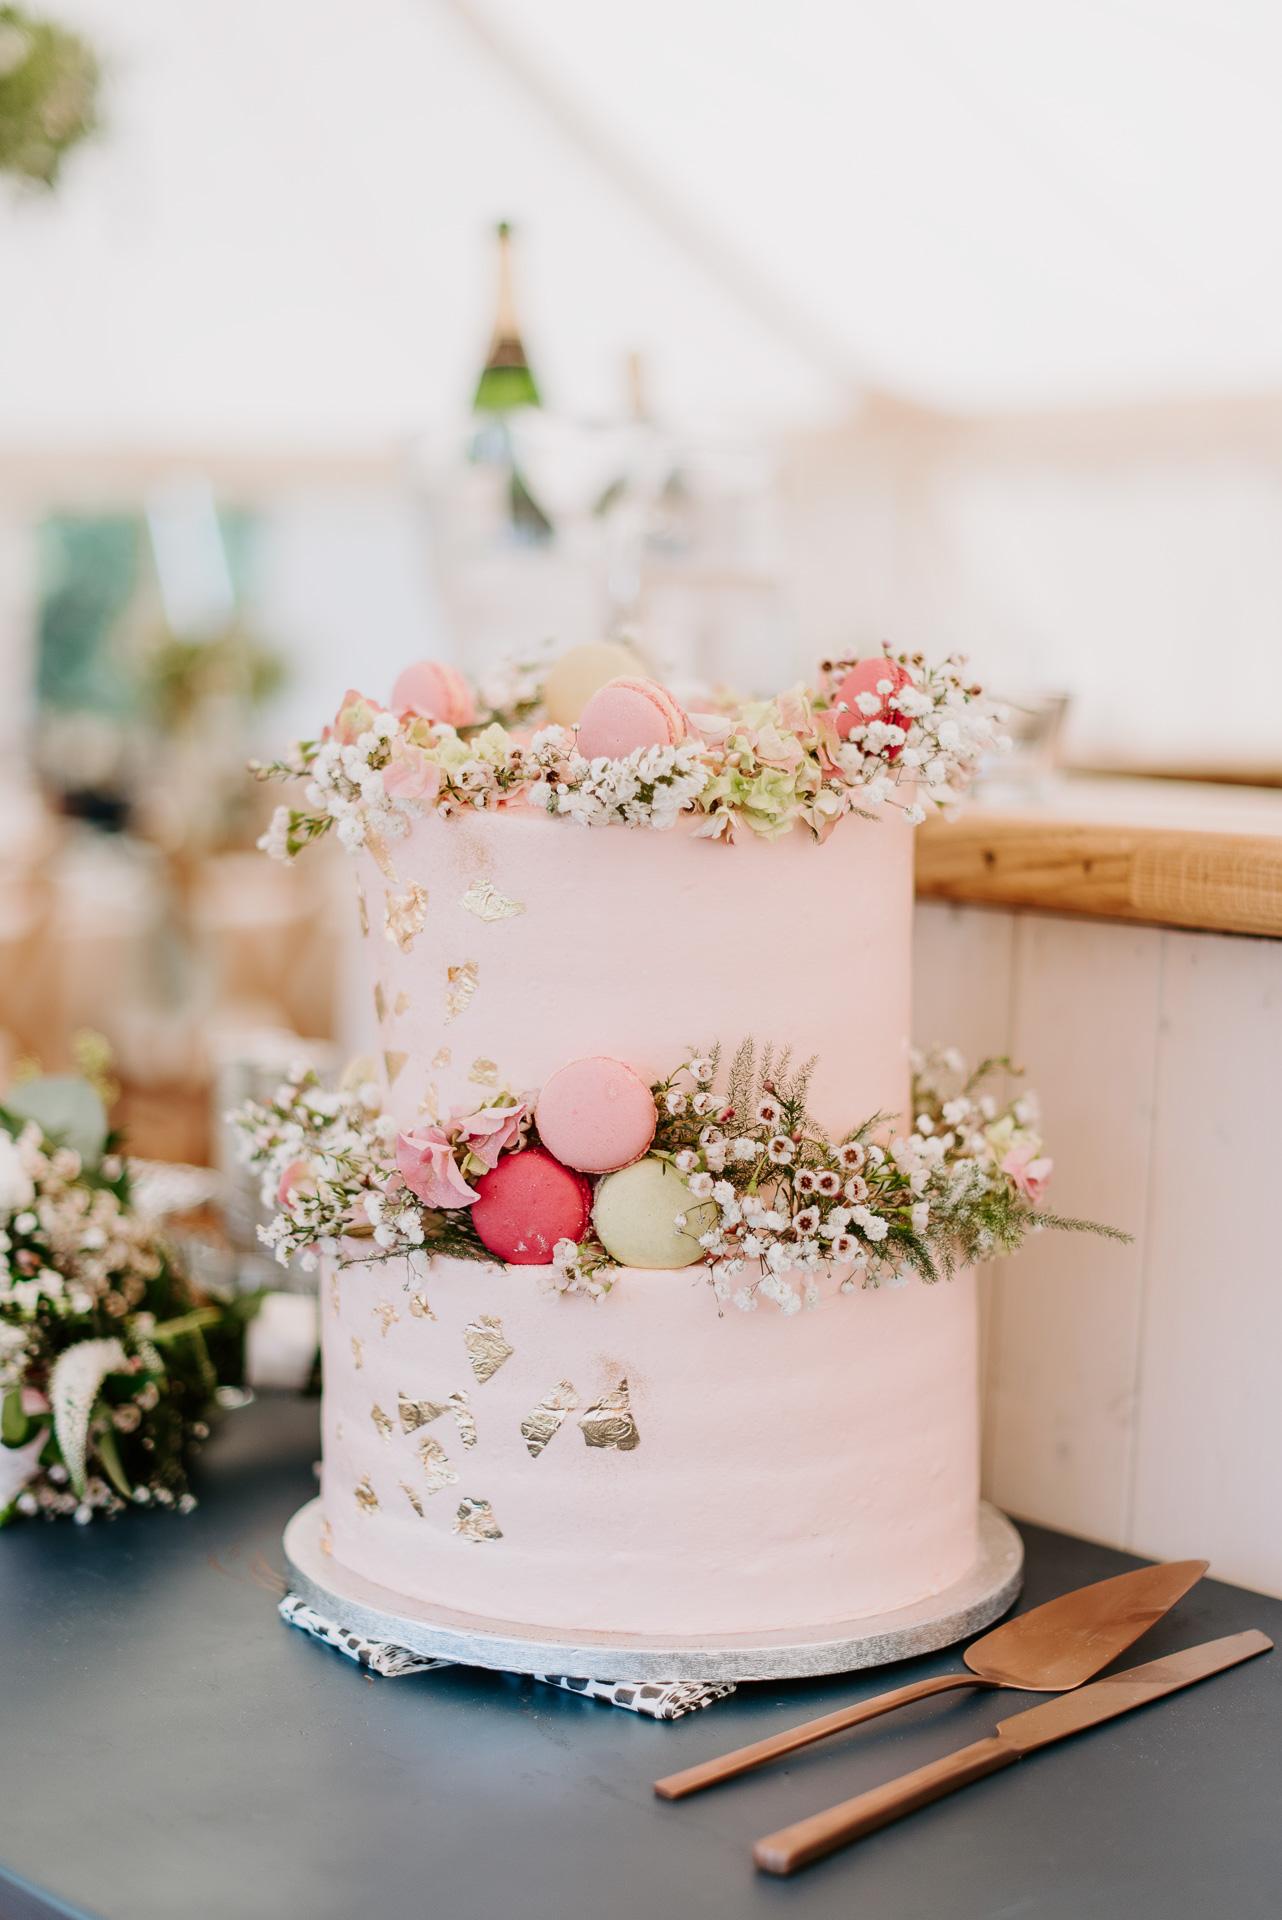 Henny_Jamie_East Sussex_Wedding_48.jpg